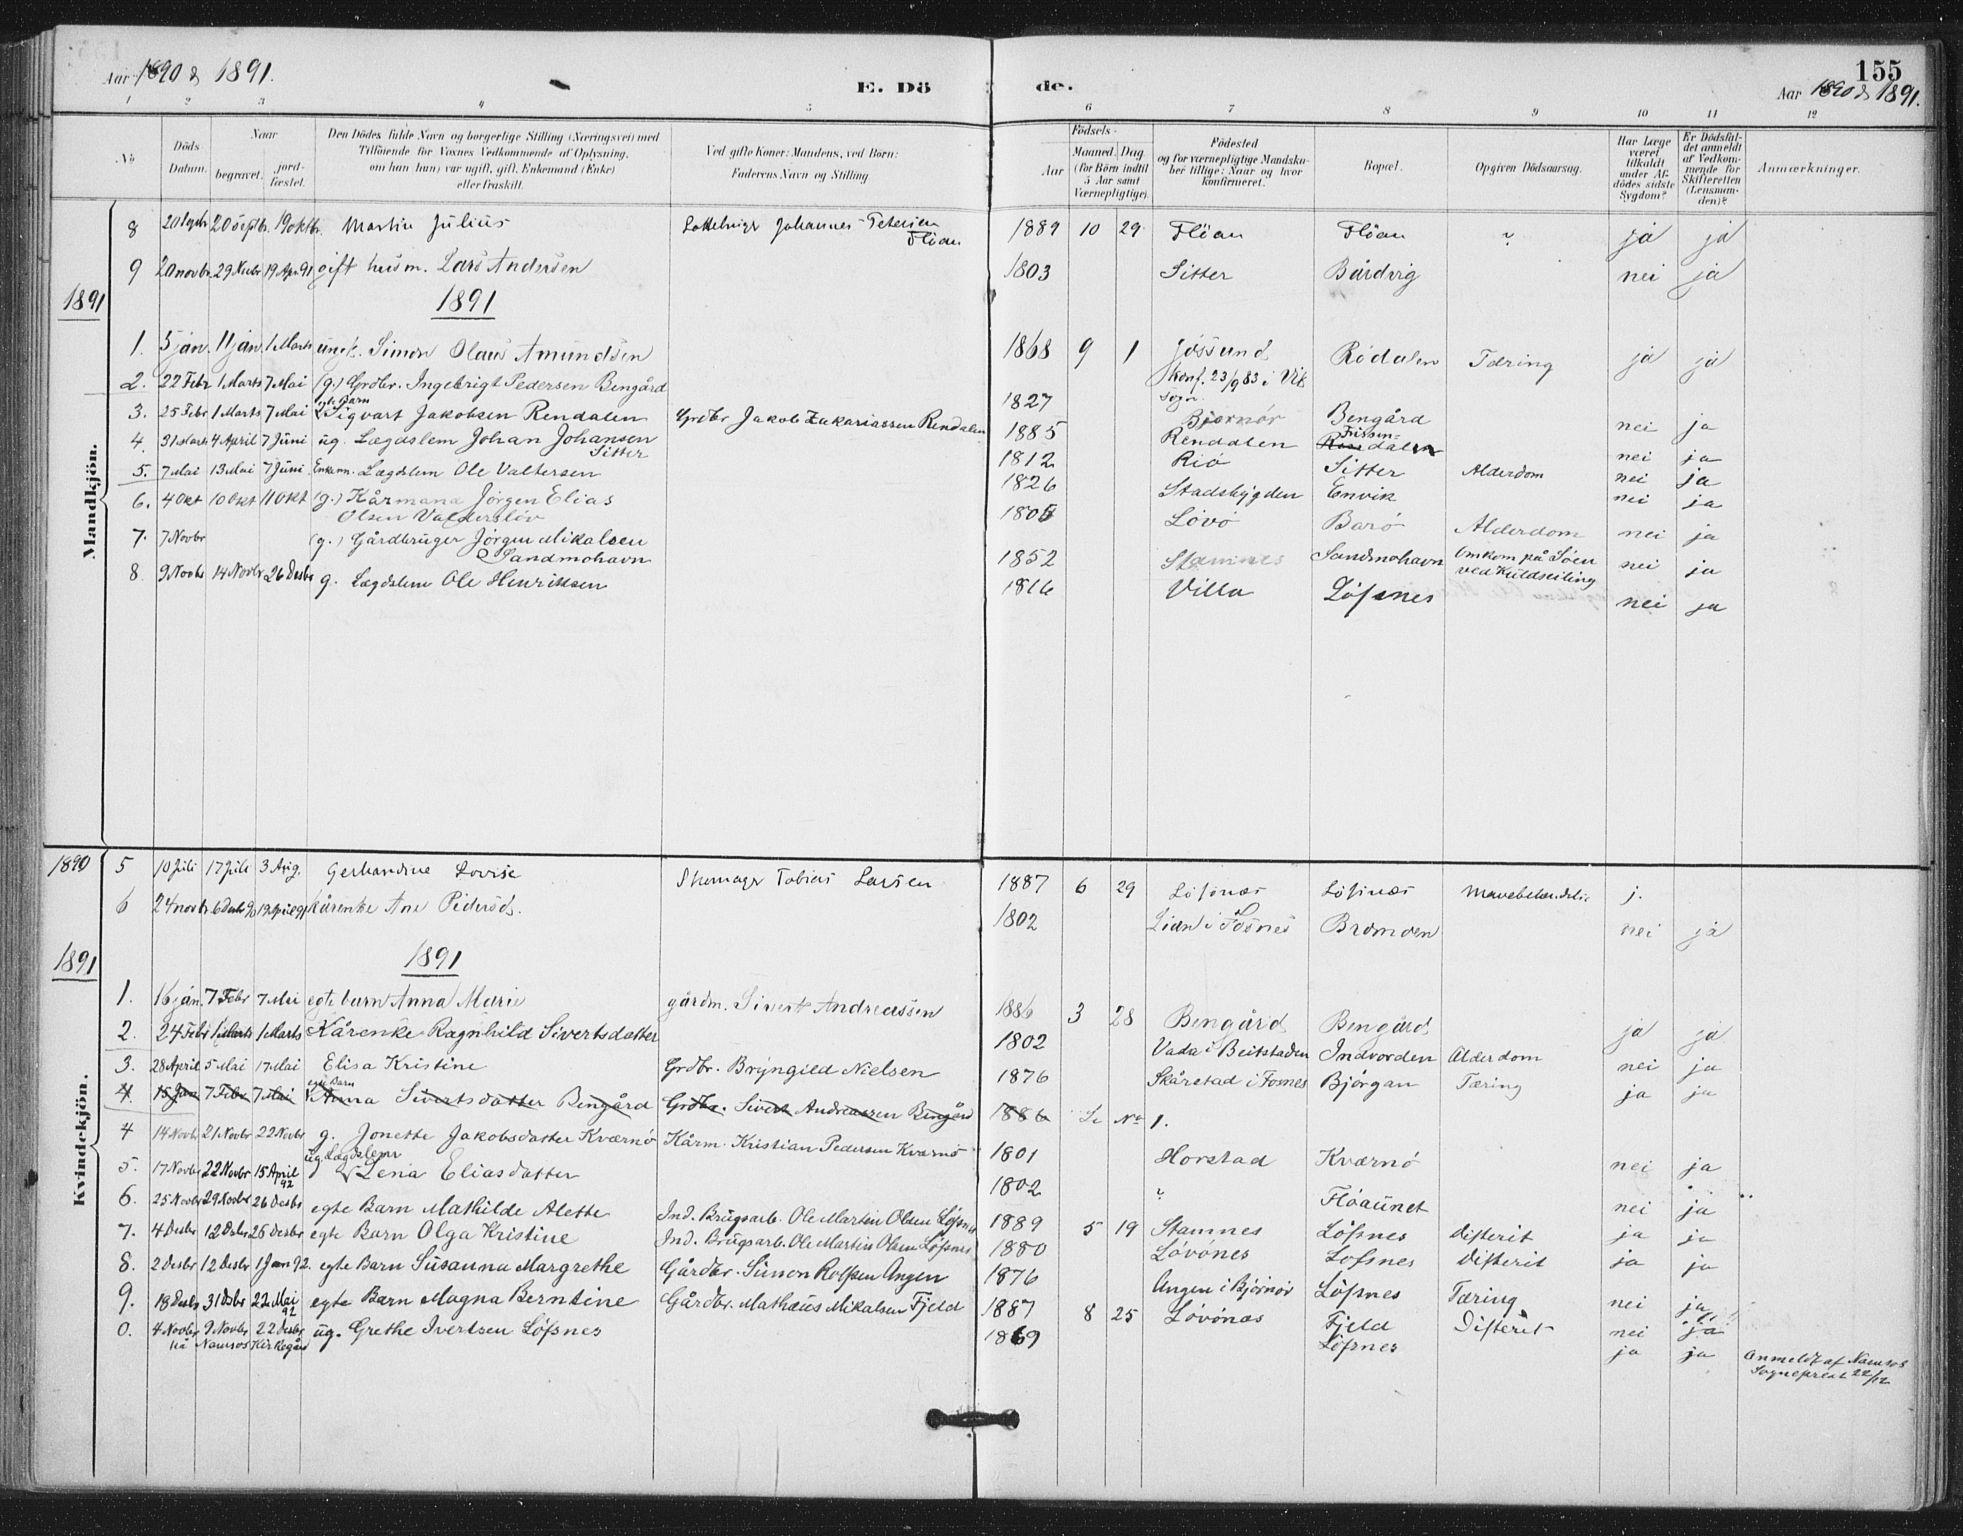 SAT, Ministerialprotokoller, klokkerbøker og fødselsregistre - Nord-Trøndelag, 772/L0603: Ministerialbok nr. 772A01, 1885-1912, s. 155